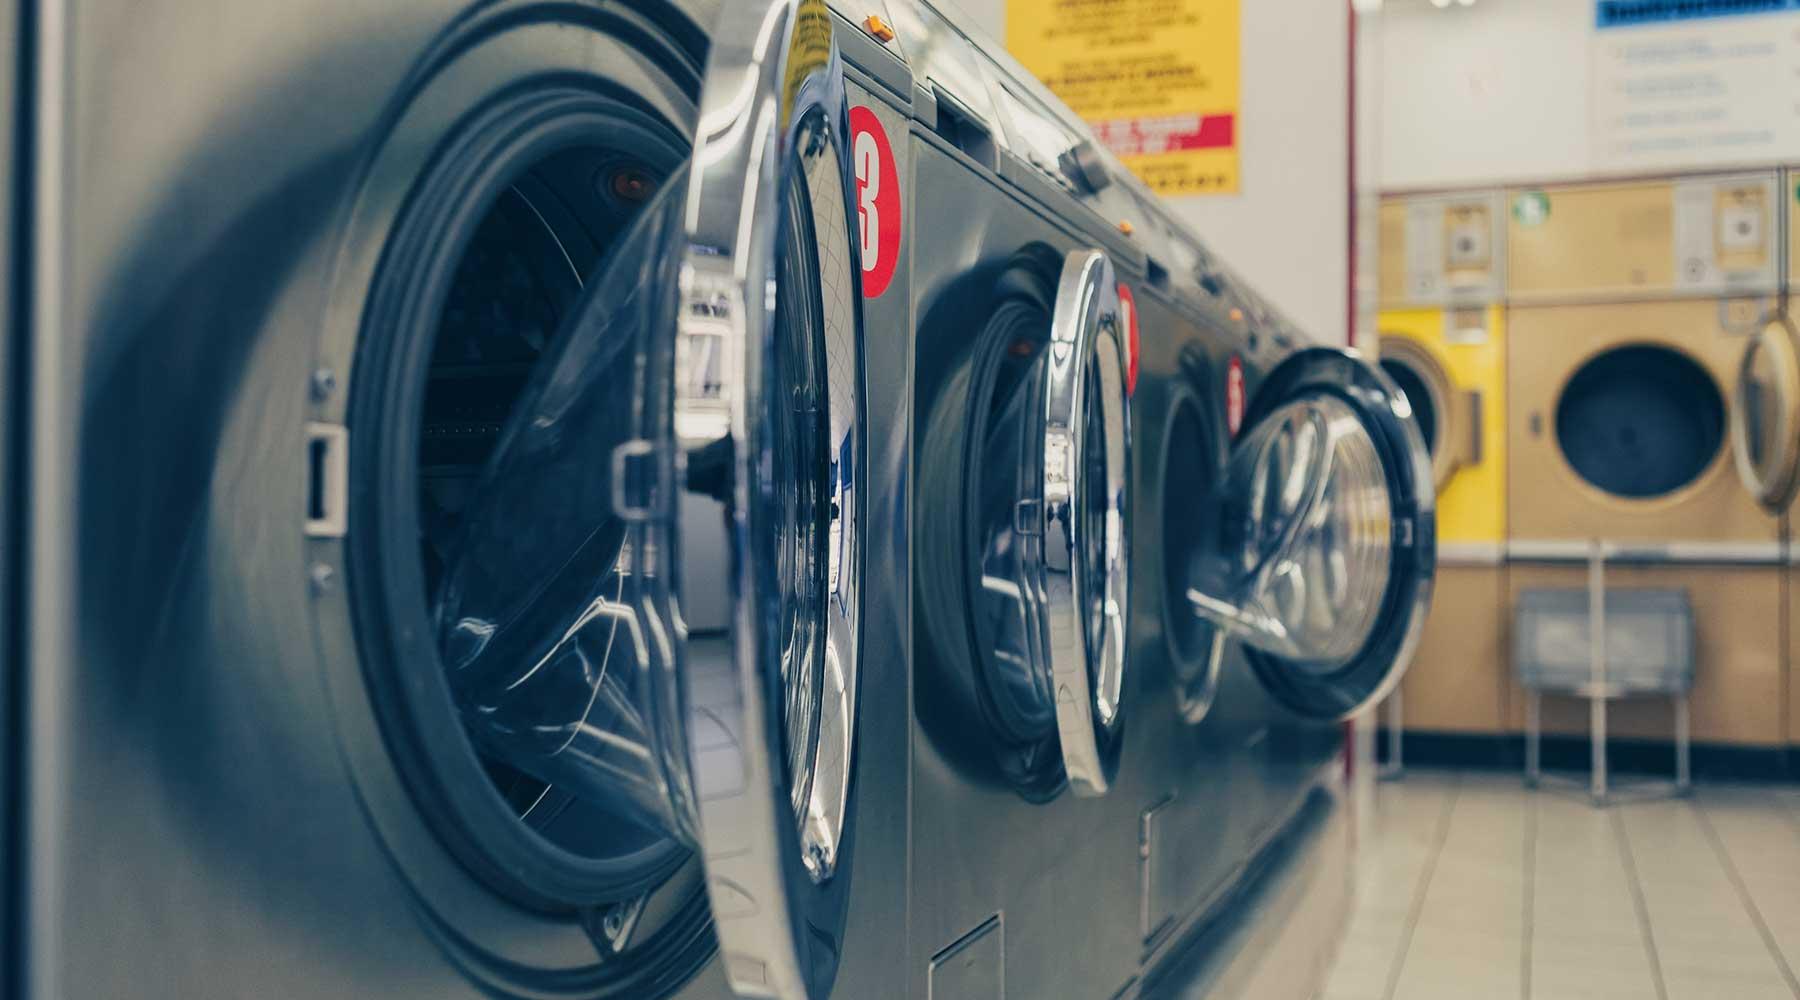 jal lavanderia industriale